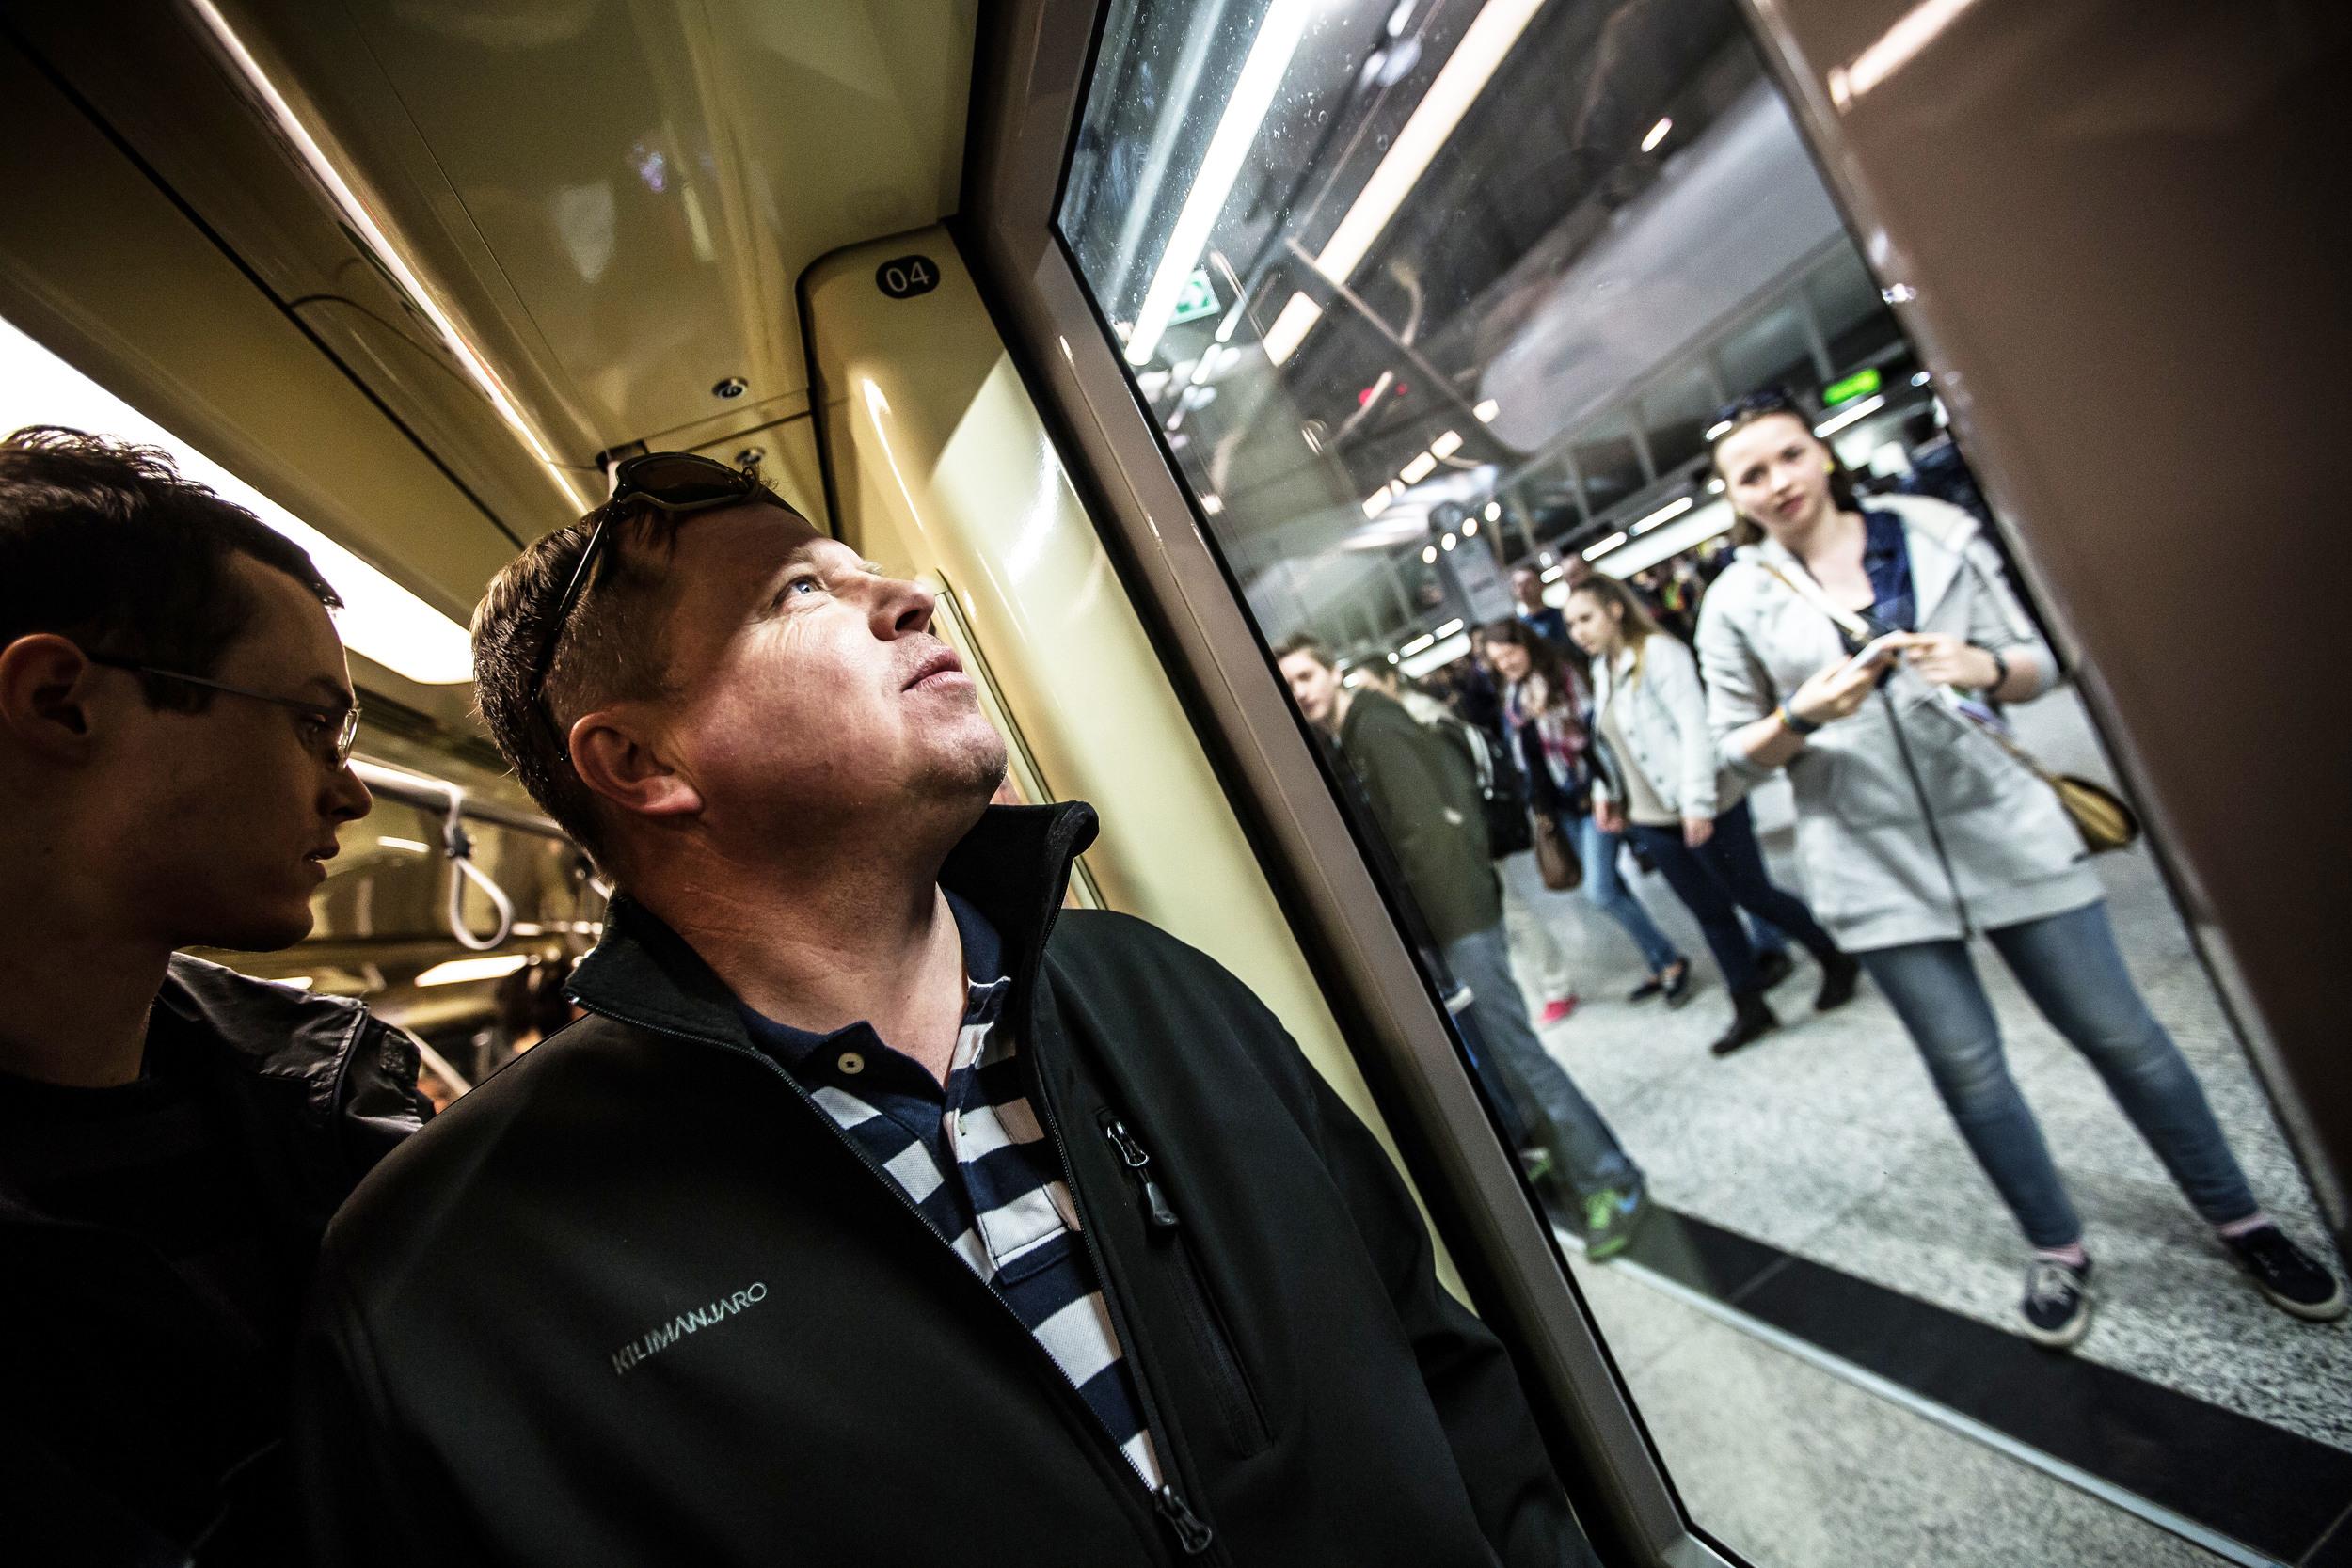 Építészeti díjat is nyert a 4-es metró két állomása. A Szent Gellért téri és a Fővám téri metróállomások nyerték az Architizer.com építészeti portál versenyét.